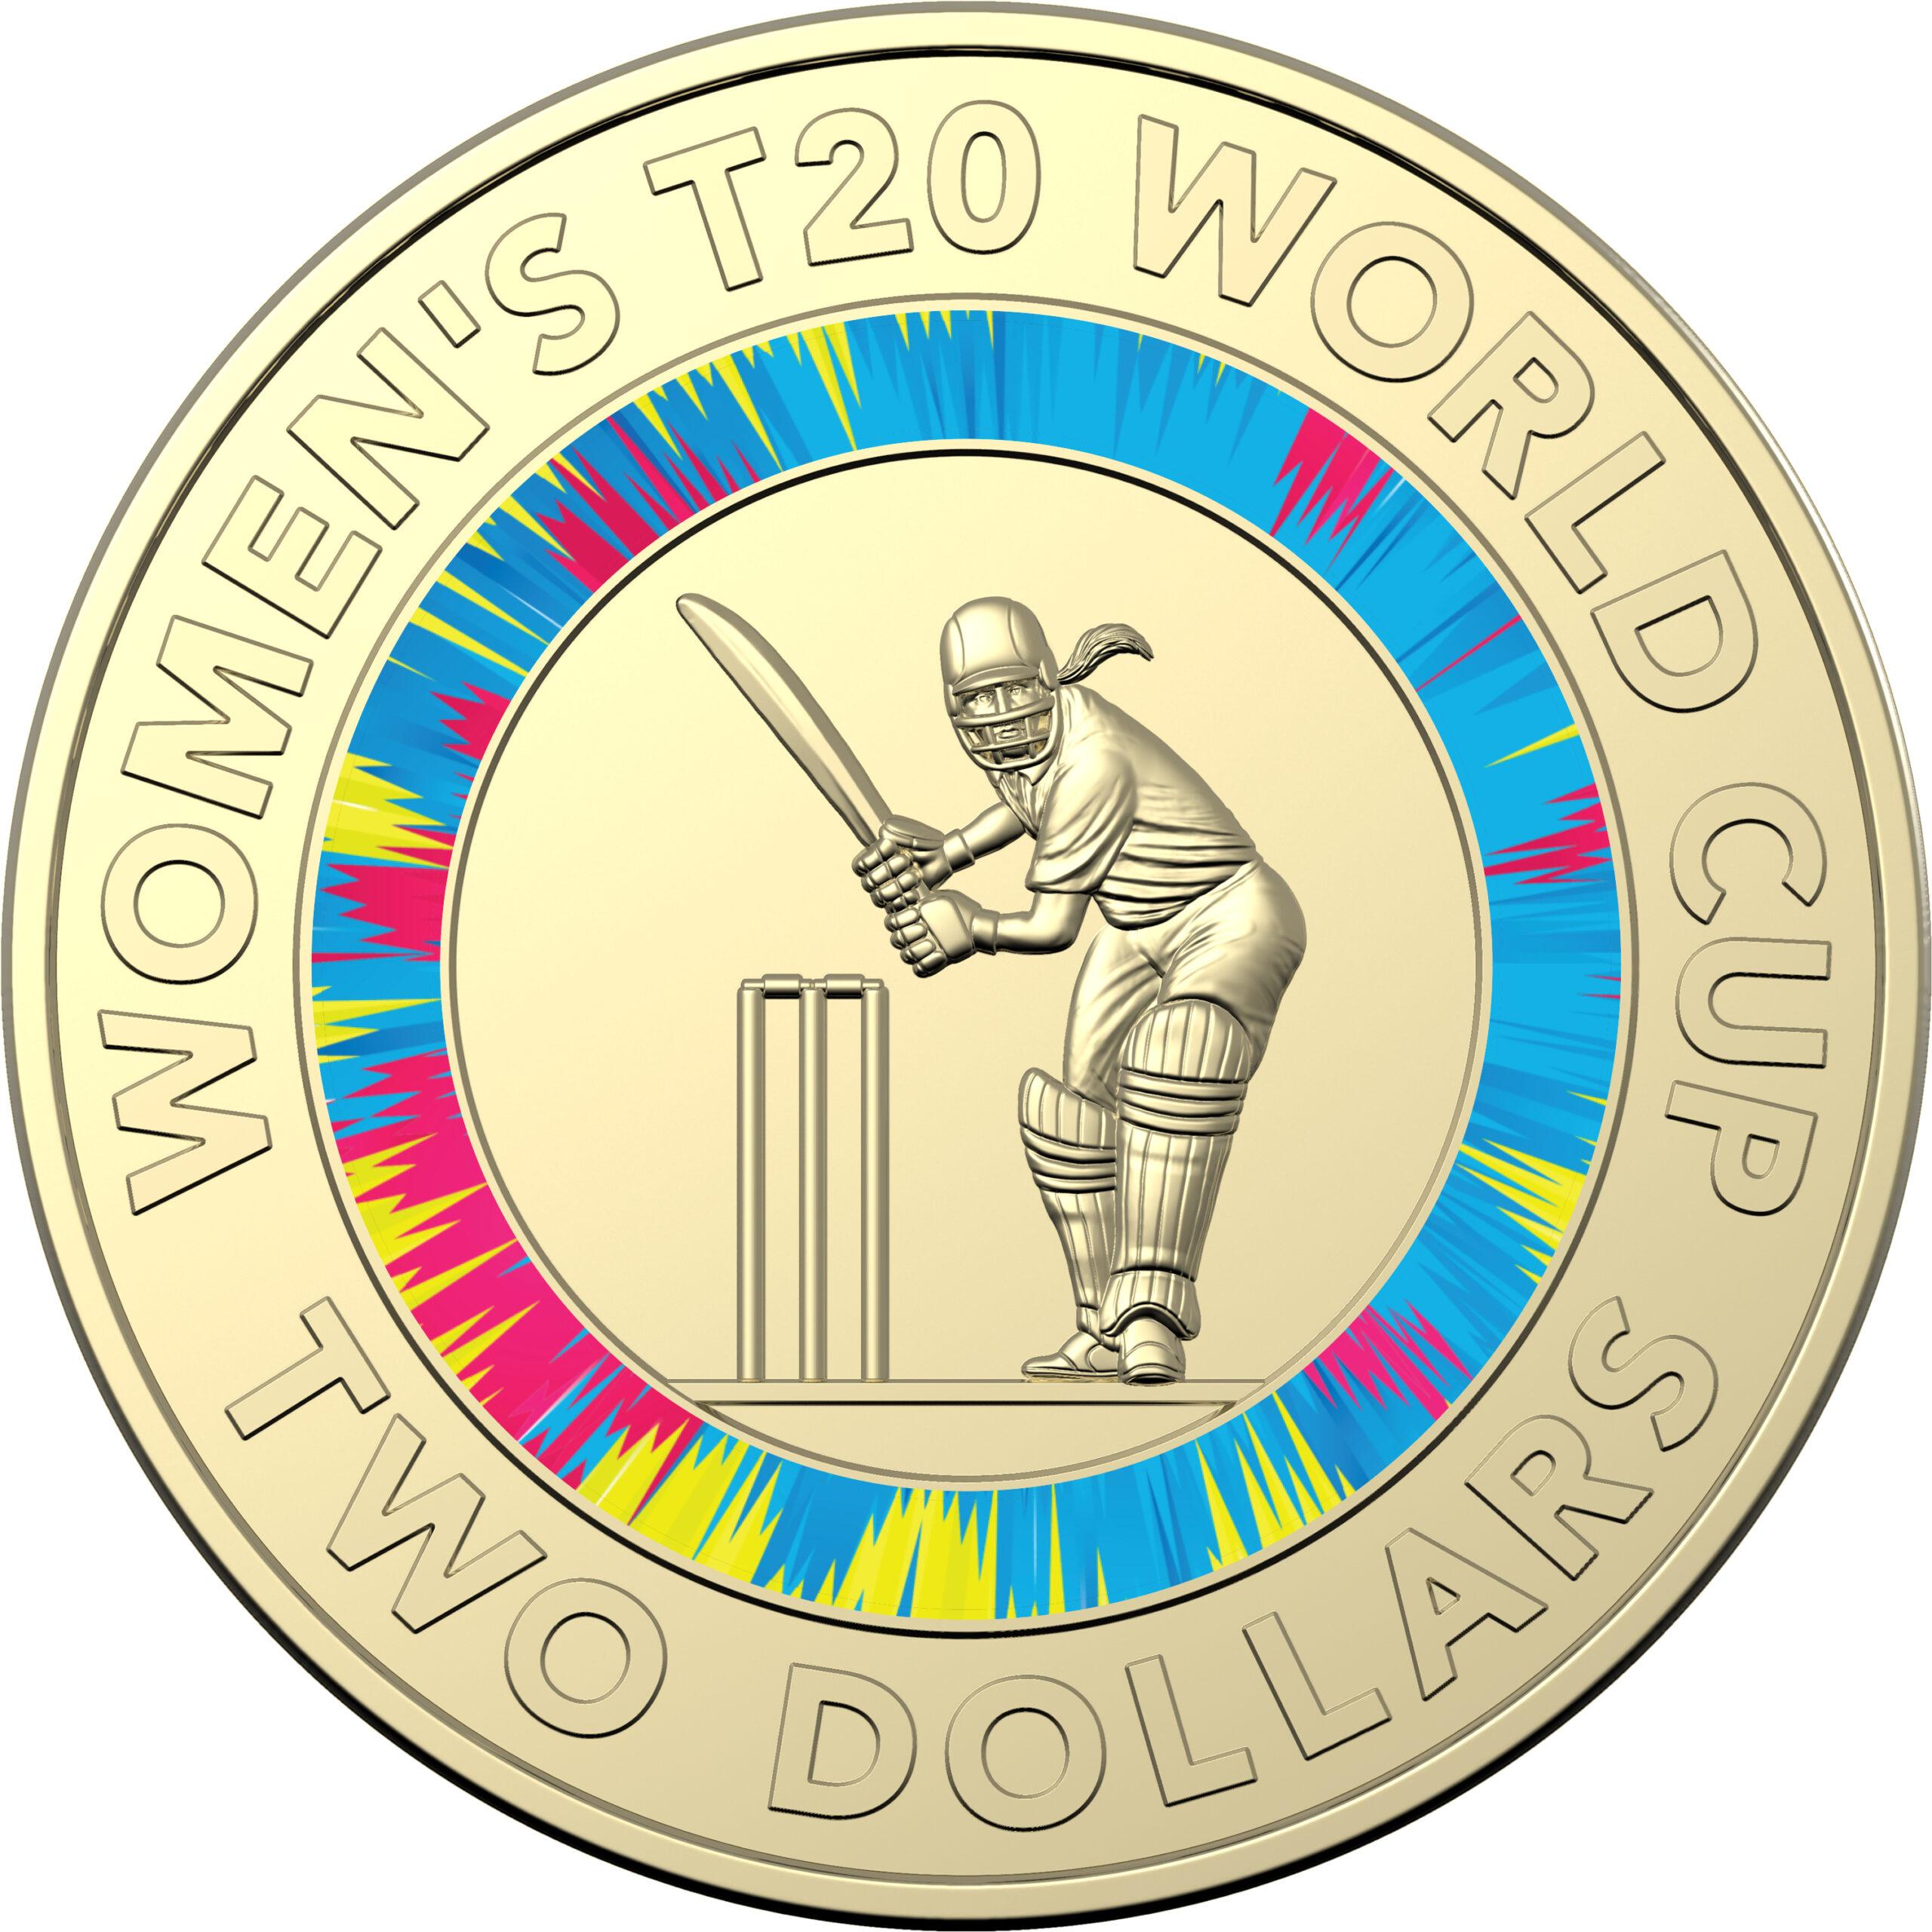 AU 2 Dollars 2020